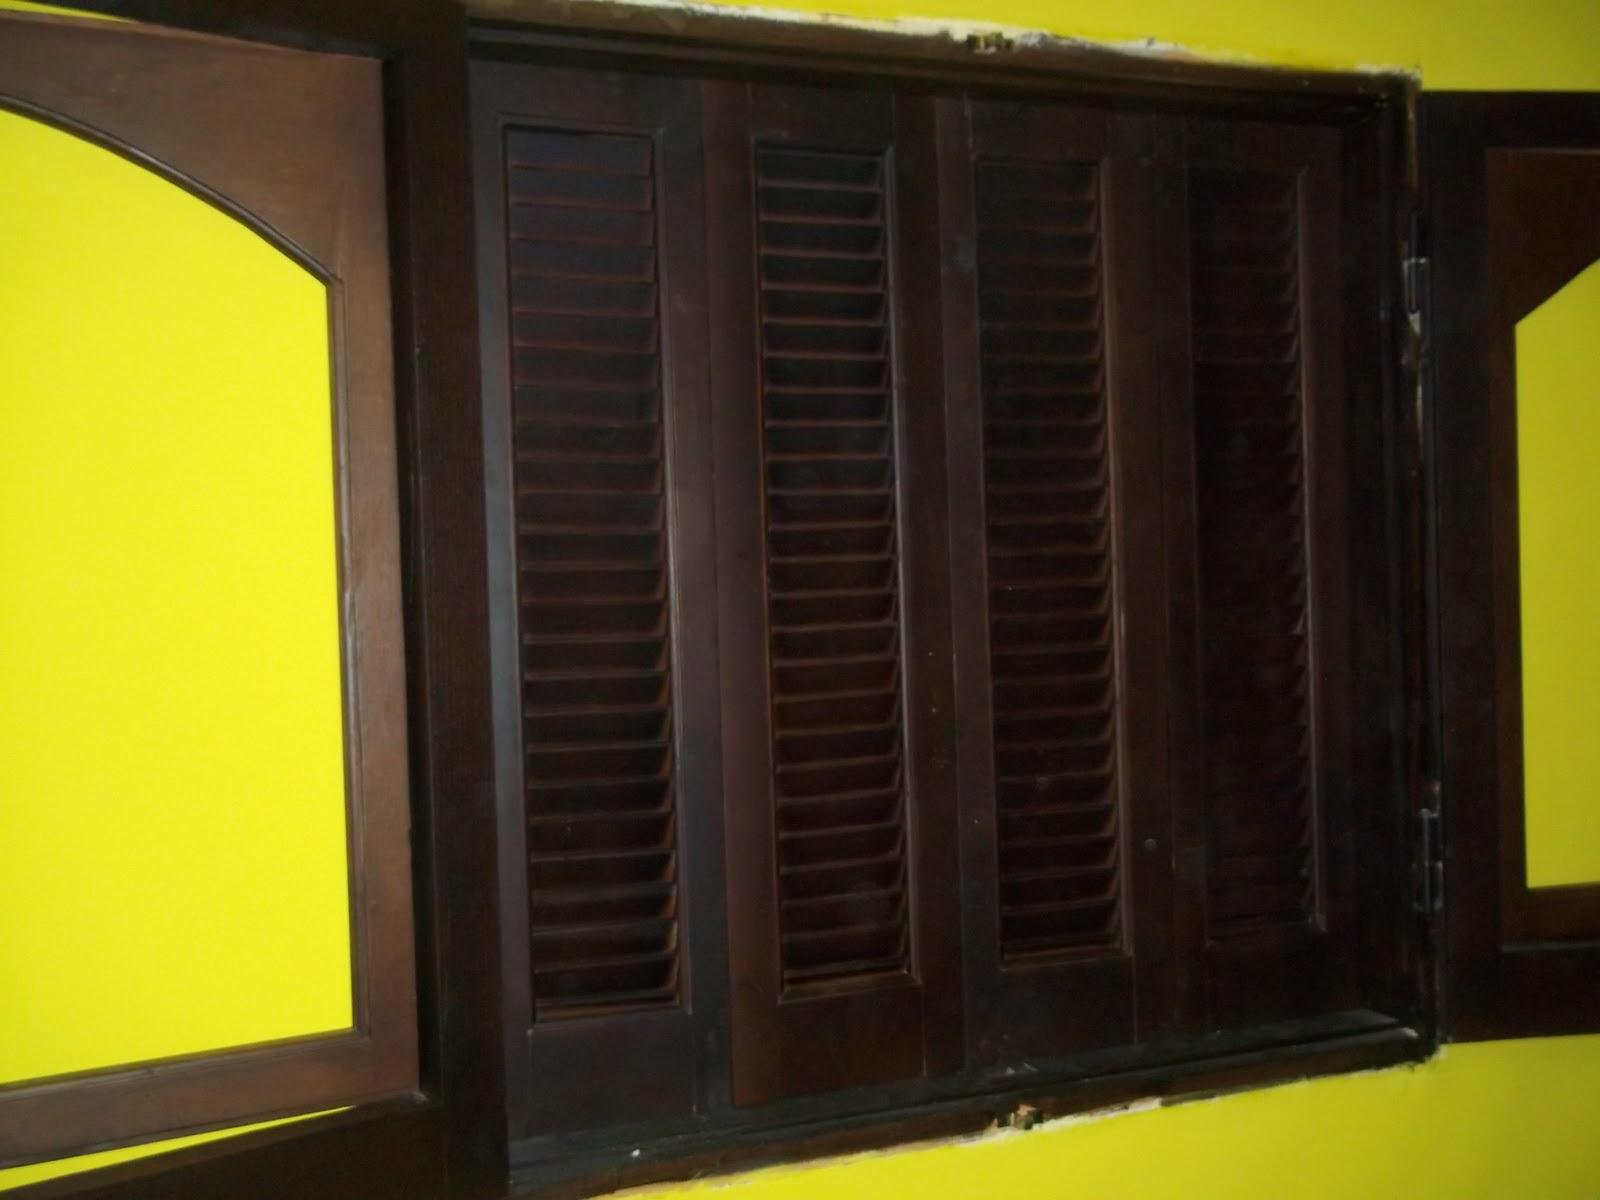 الشركة العربية الايطالية للاثاث والابواب منتجات الابواب الخشبية